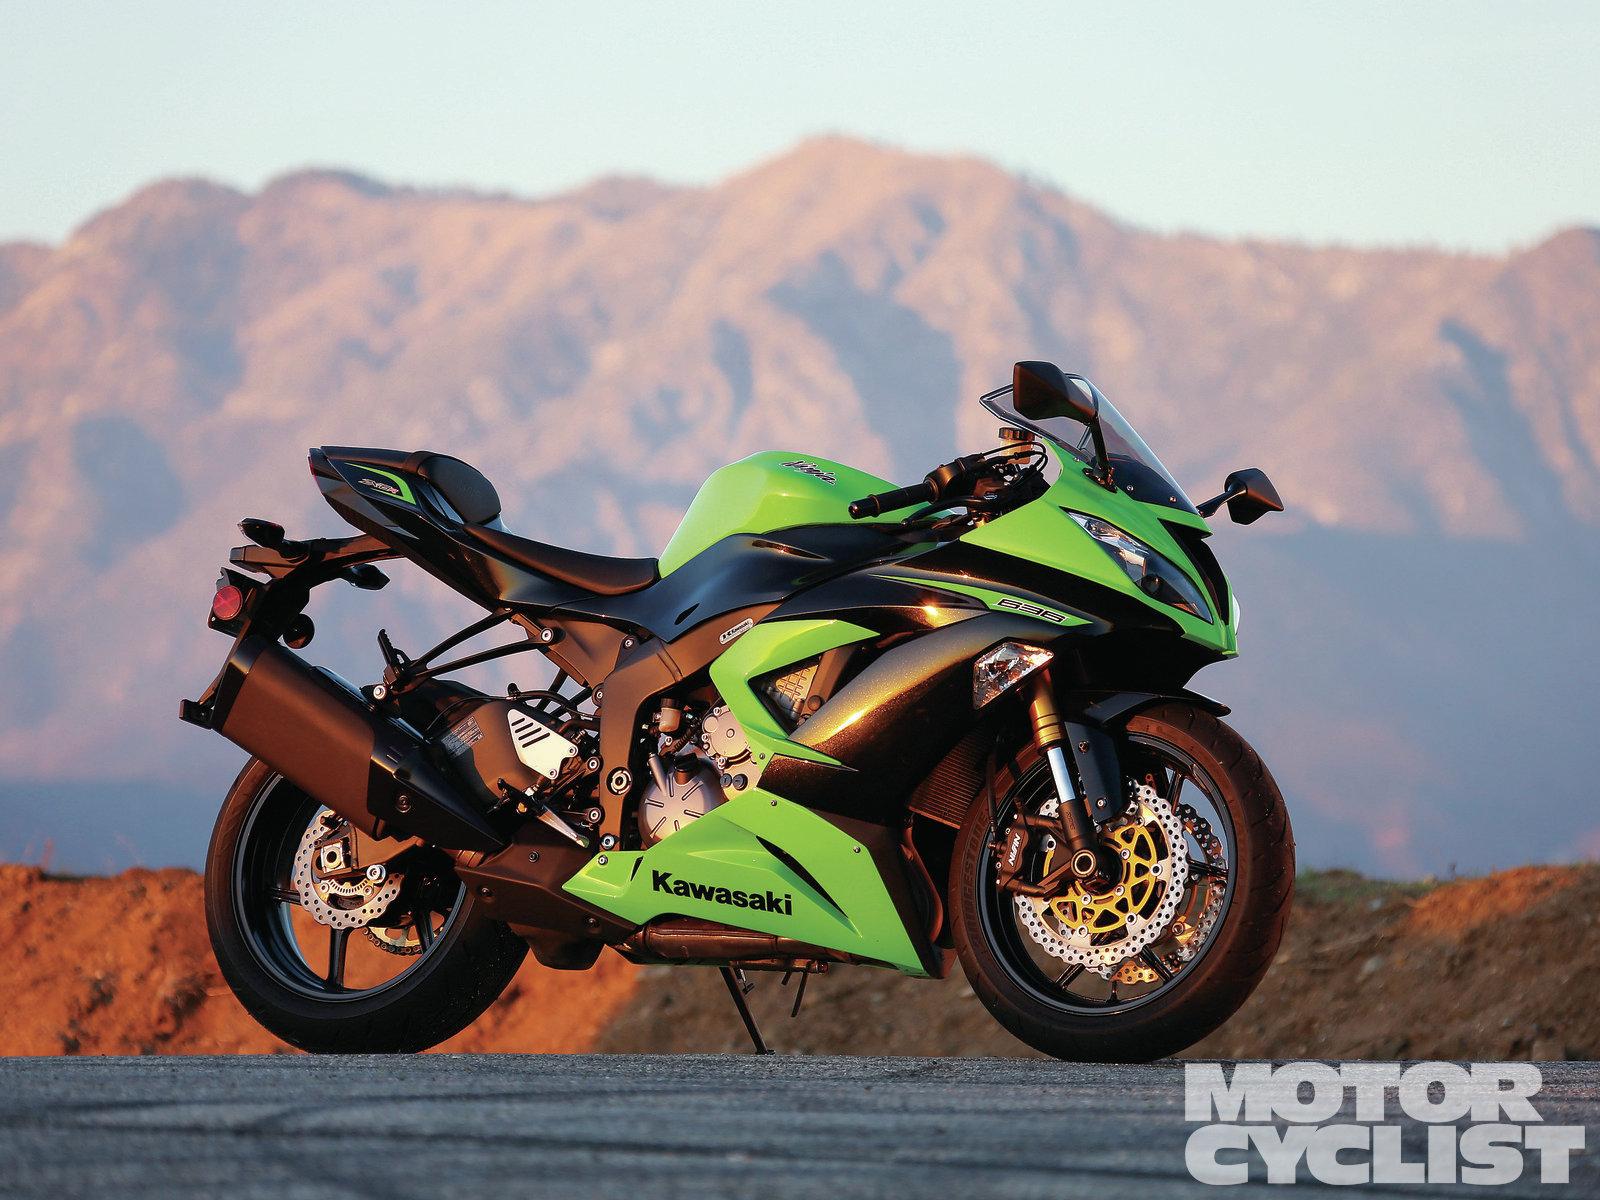 2013 Kawasaki Ninja Zx 6r Review 2013 Zx 6r 636cc Road